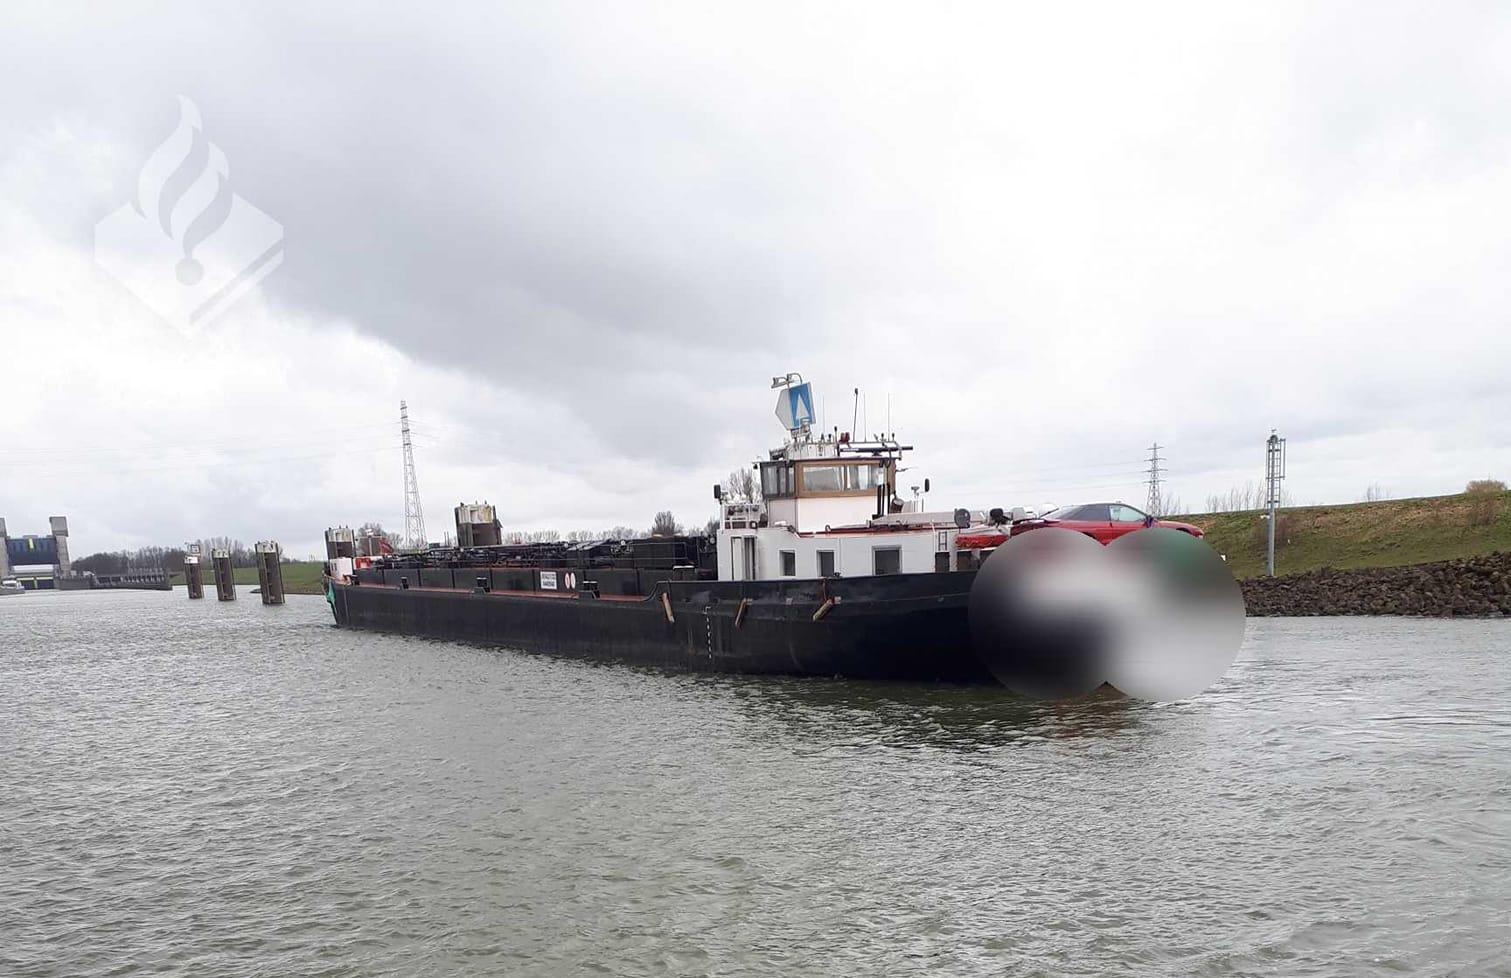 De aangehouden tanker bij de Prins Bernhardsluizen in Tiel, de naam is door de politie onleesbaar gemaakt (Foto Landelijke Eenheid)